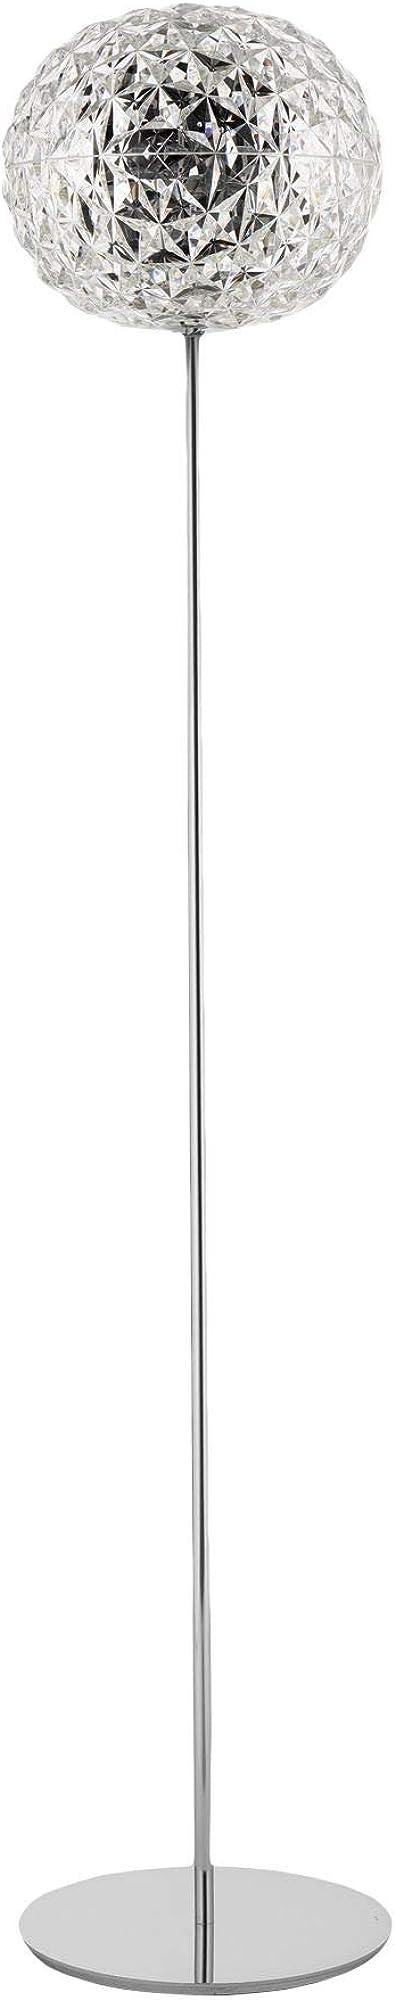 Kartell planet ,lampada da terra, h. 160 cm, dimmerabile, trasparente,in tecnopolimero termoplastico colorato 09388B4